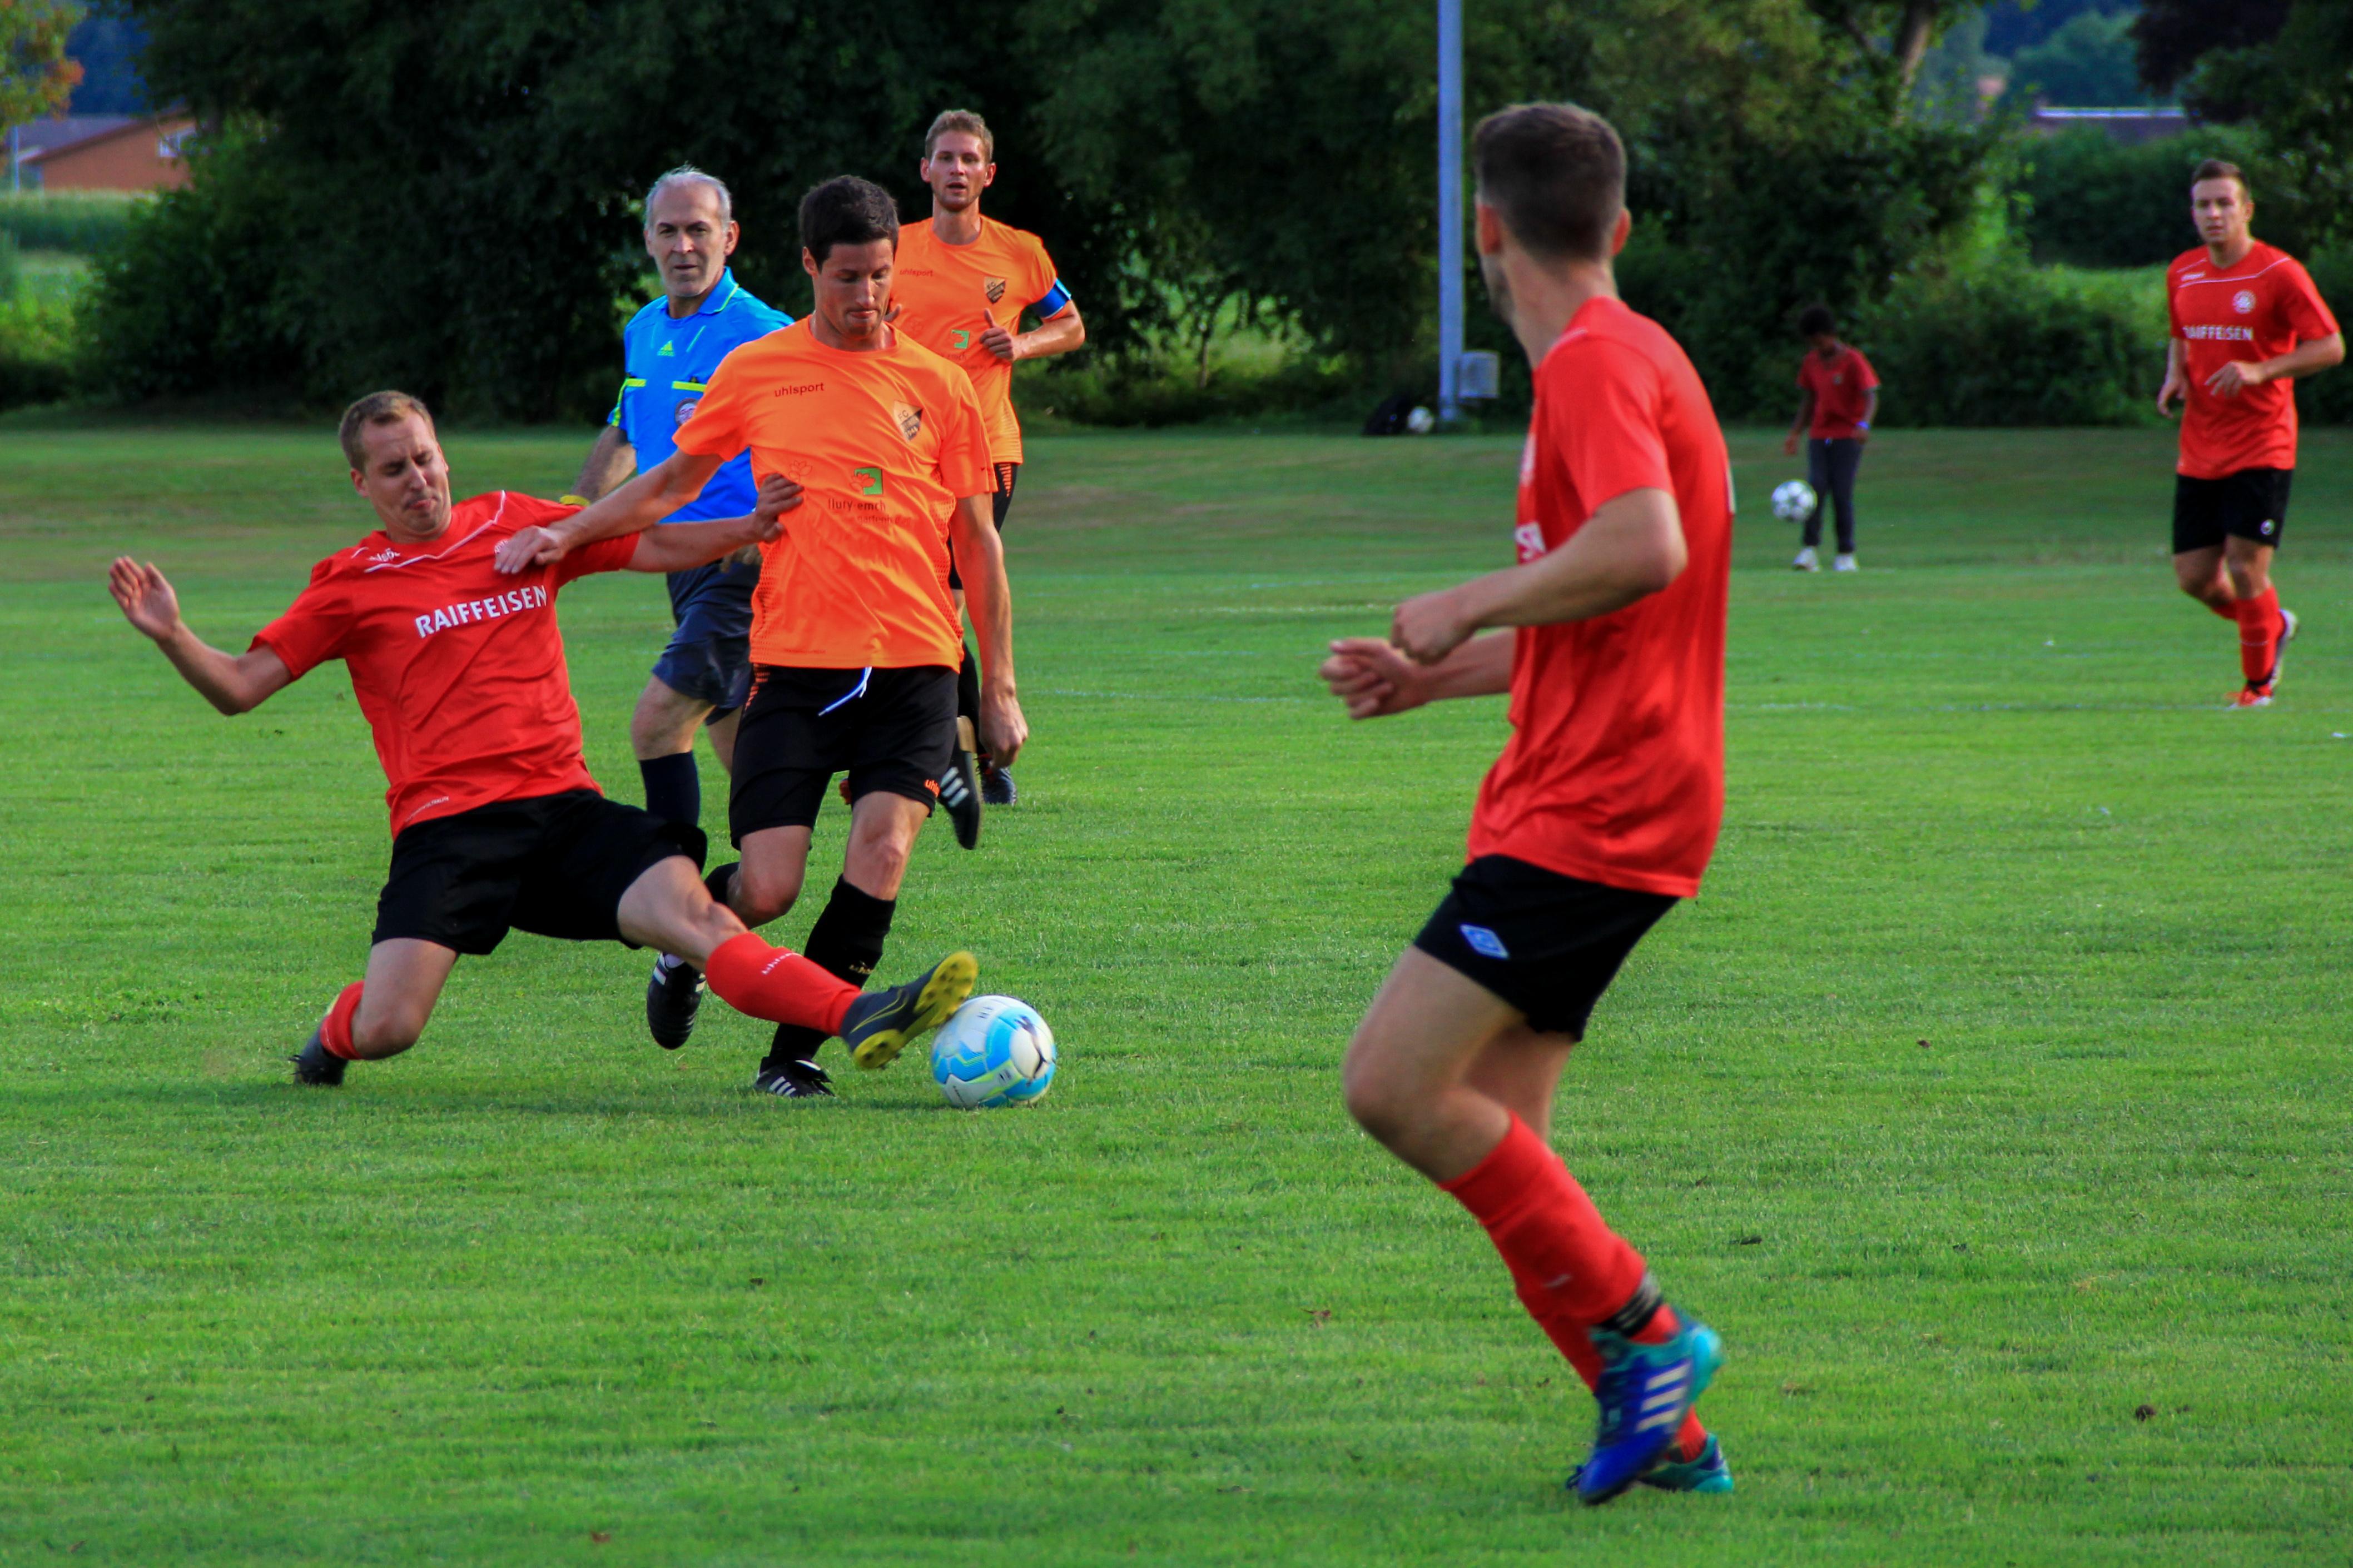 Impressionen vom 2-2 Remis gegen den FC Deitingen am 3. Wasserämter Cup in Gerlafingen